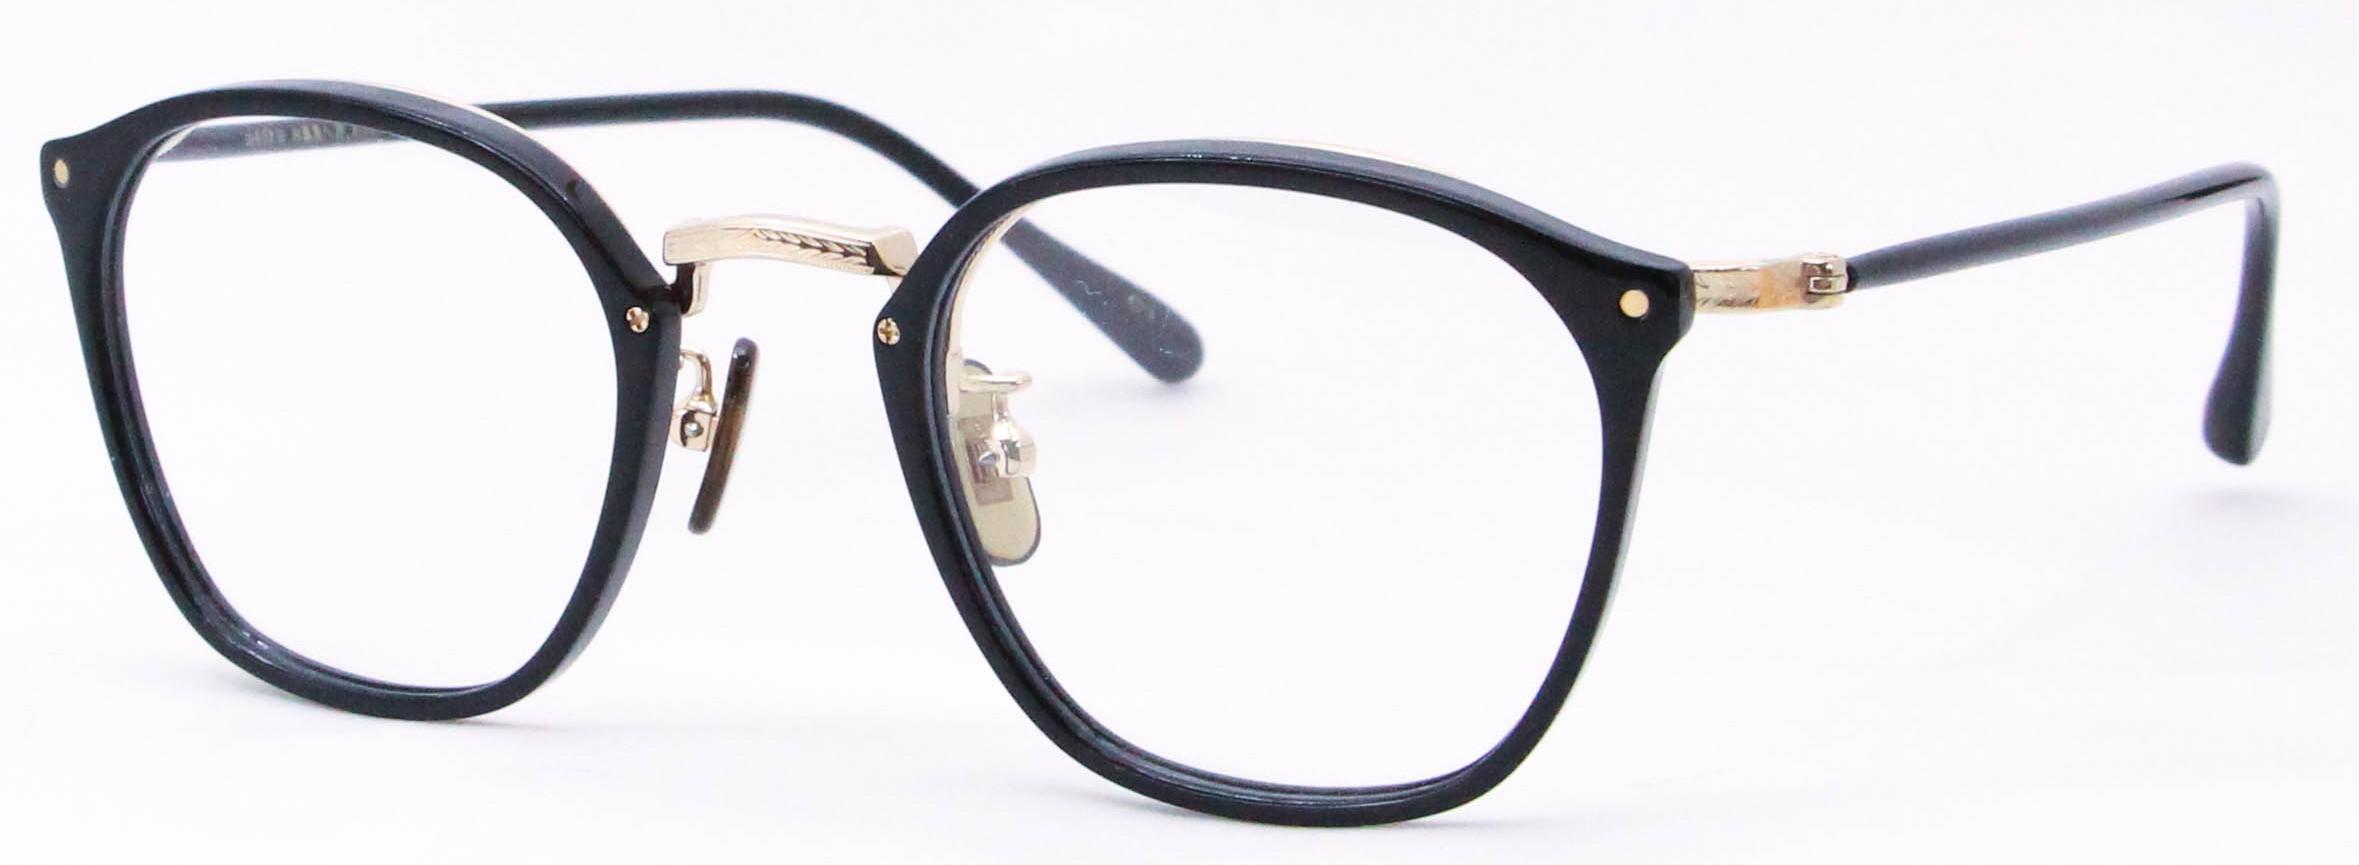 眼鏡のカラータイプC-1 Black/Gold K10飾り